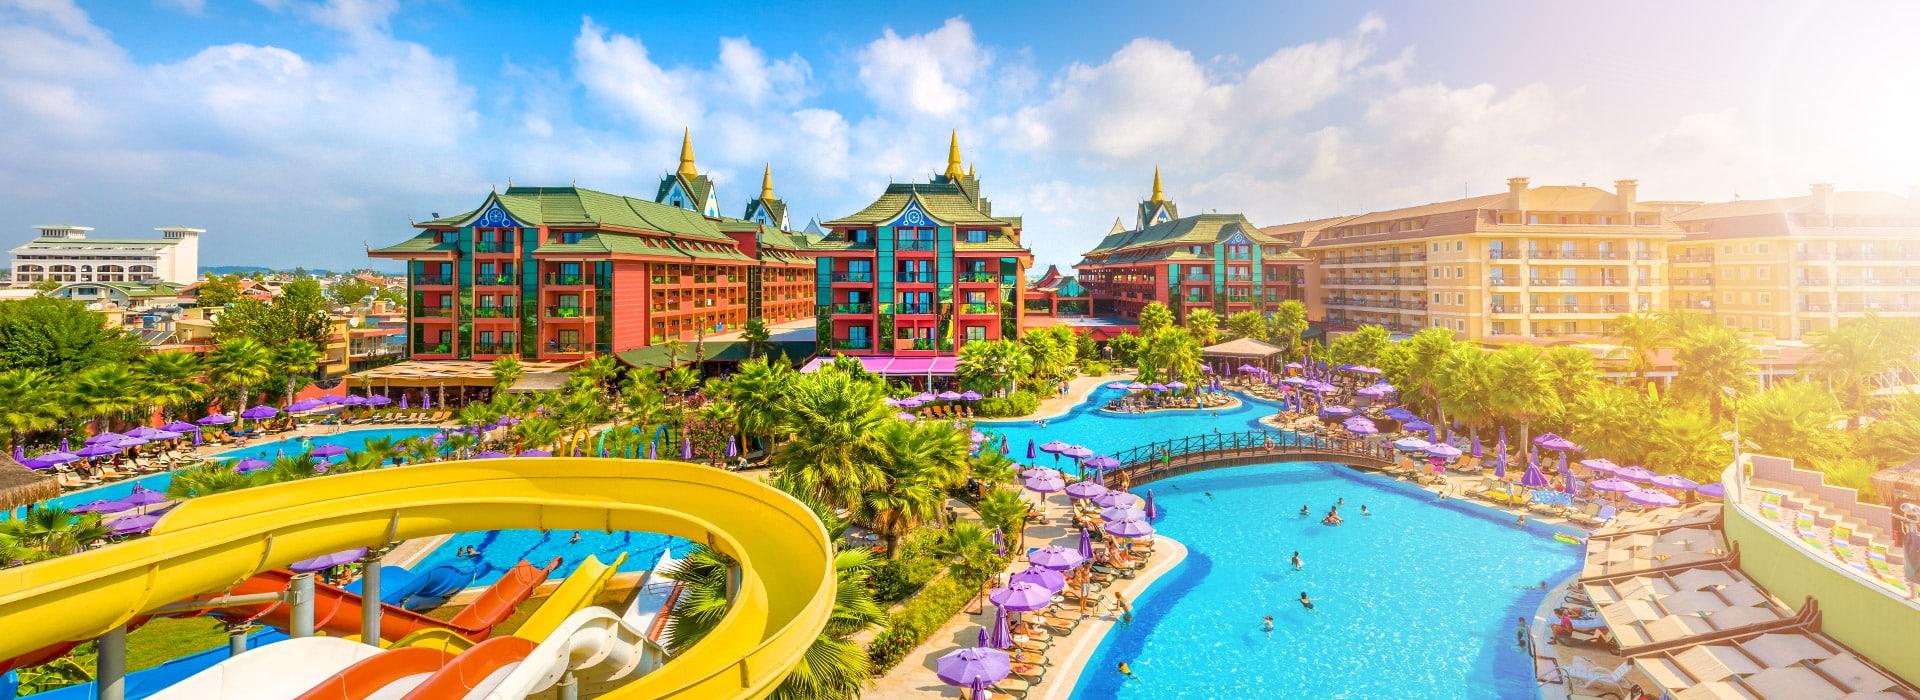 overzichtsfoto van een hotel-resort